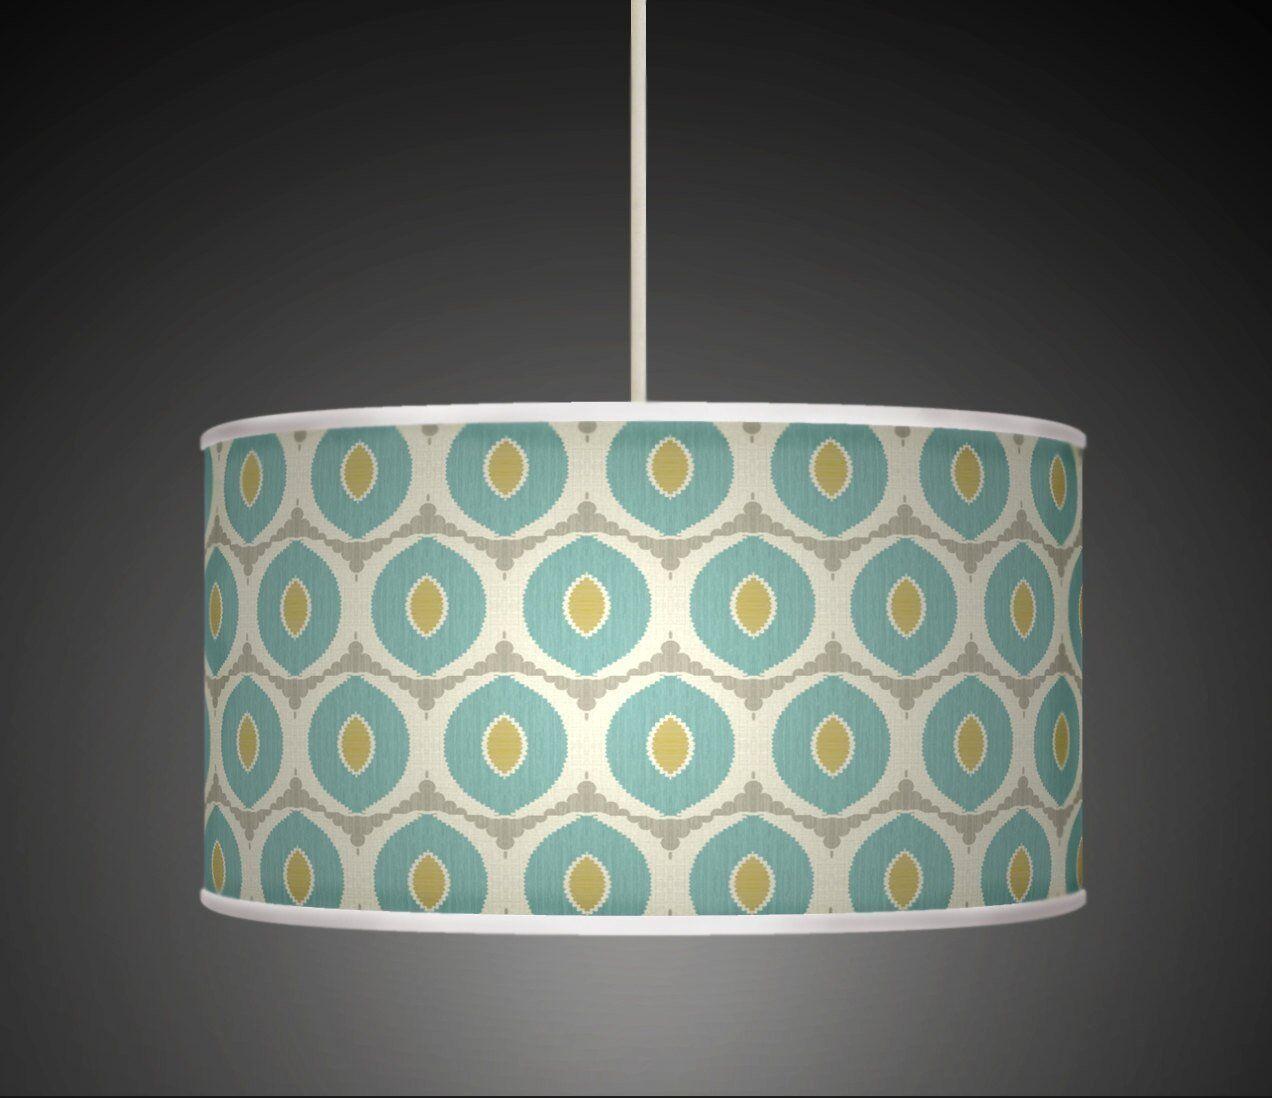 Ovels bleu vert fait main imprimé abat-jour tissu lampe tambour abat-jour imprimé 348 d06ab9